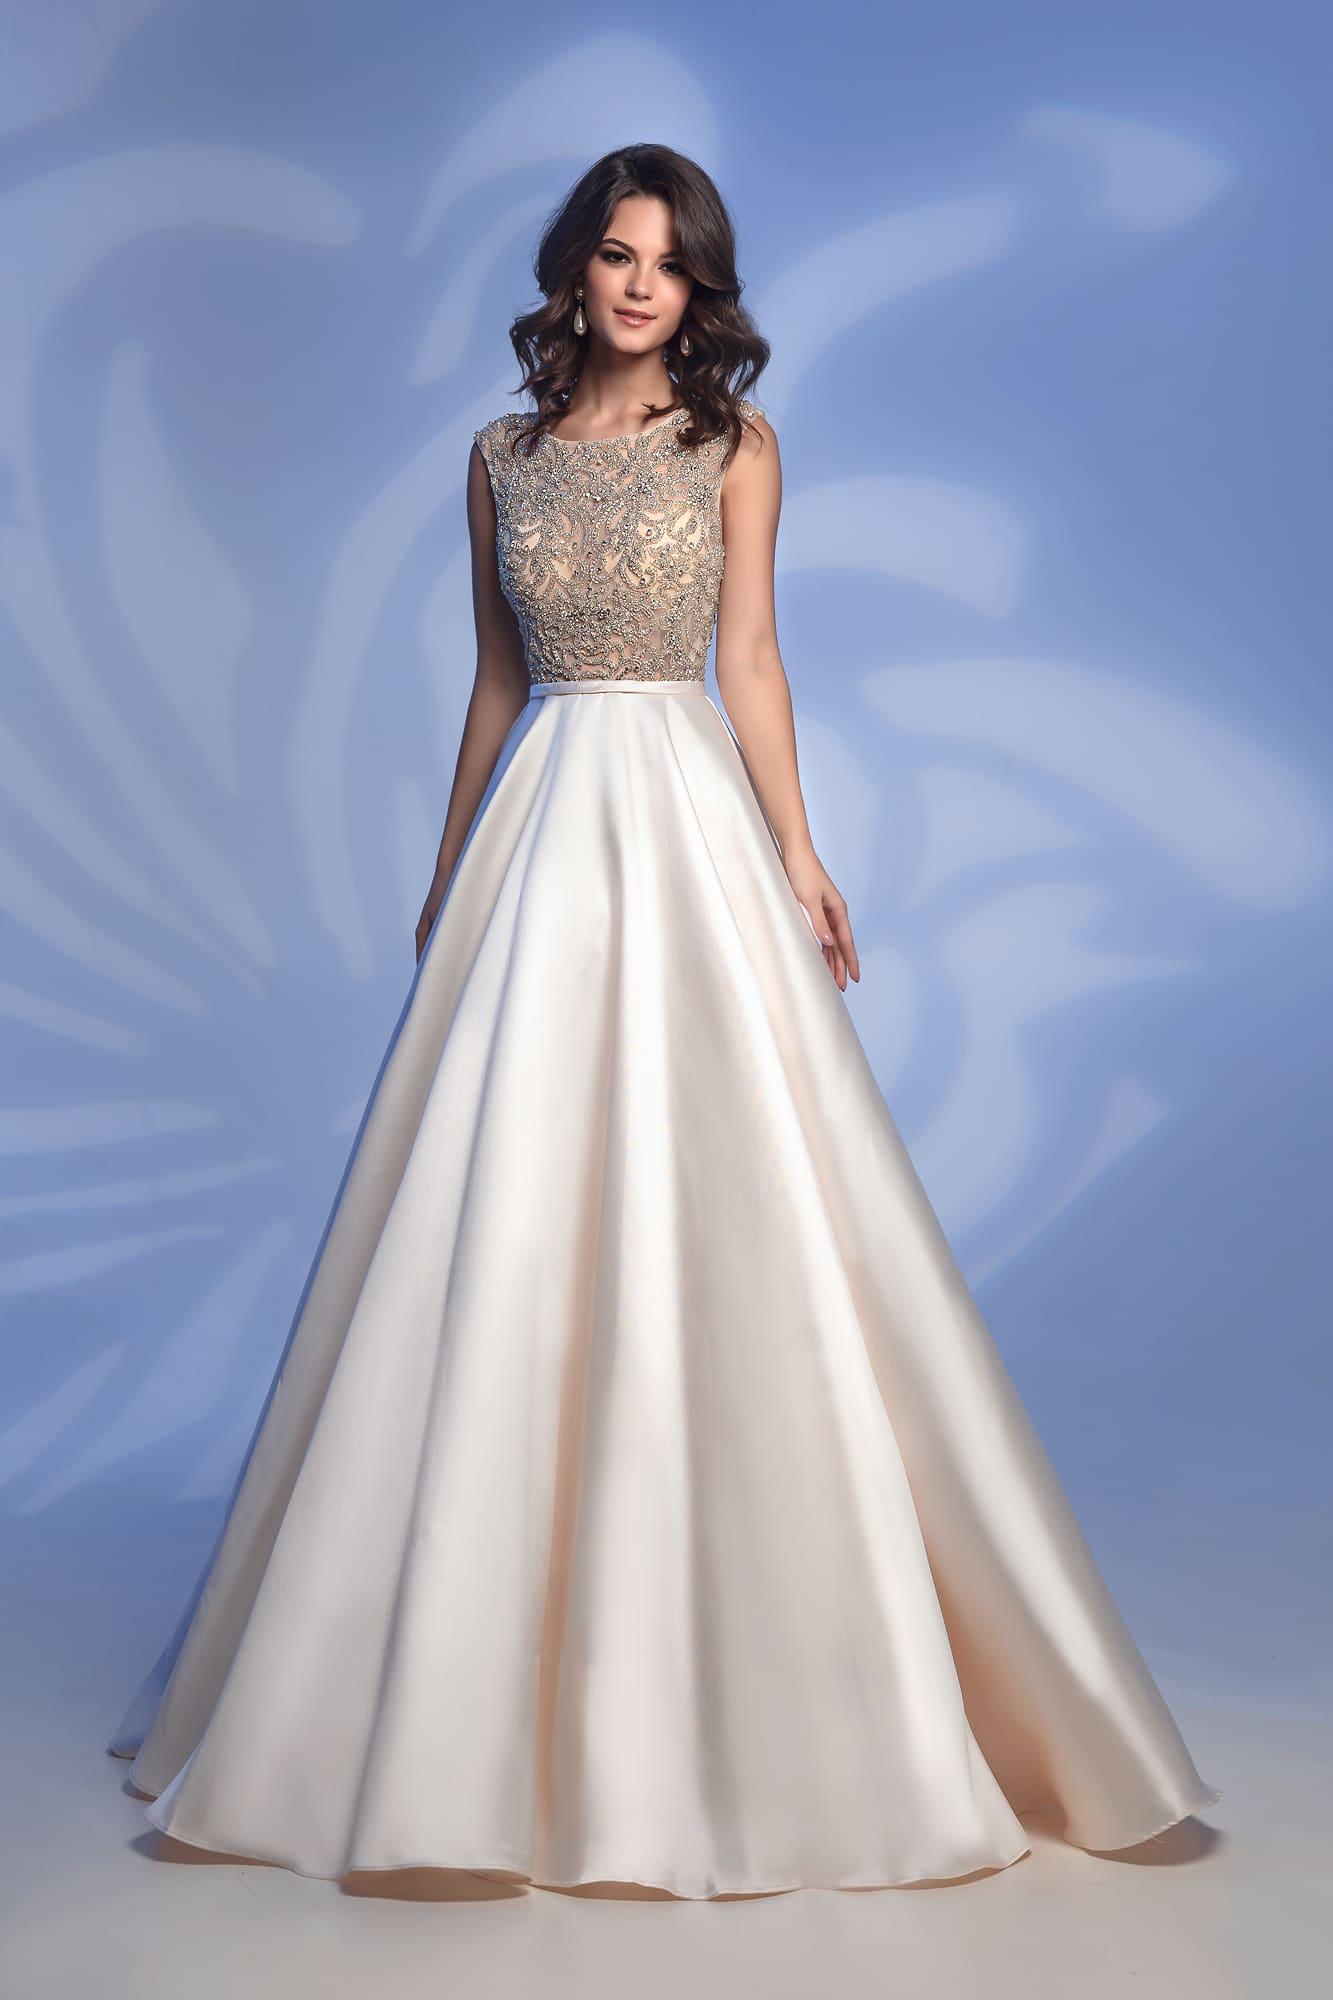 2d5922618e74092 Вечернее платье Nora Naviano 32362D ivory ▷ Свадебный Торговый ...